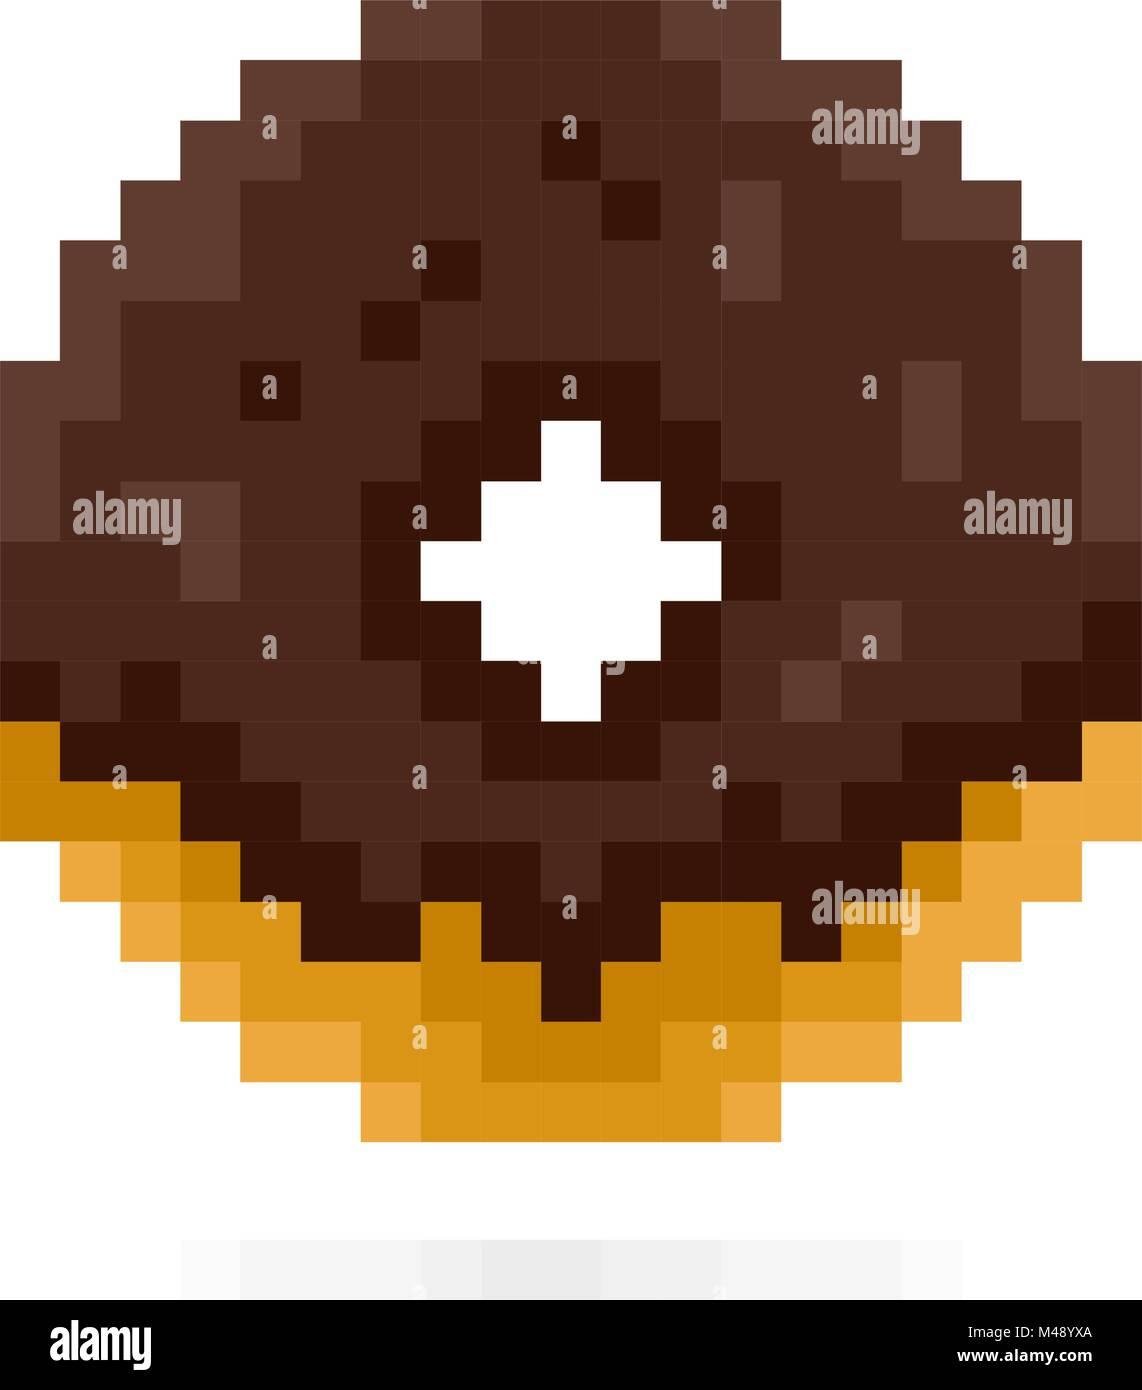 Donut Art Stock Photos Donut Art Stock Images Alamy